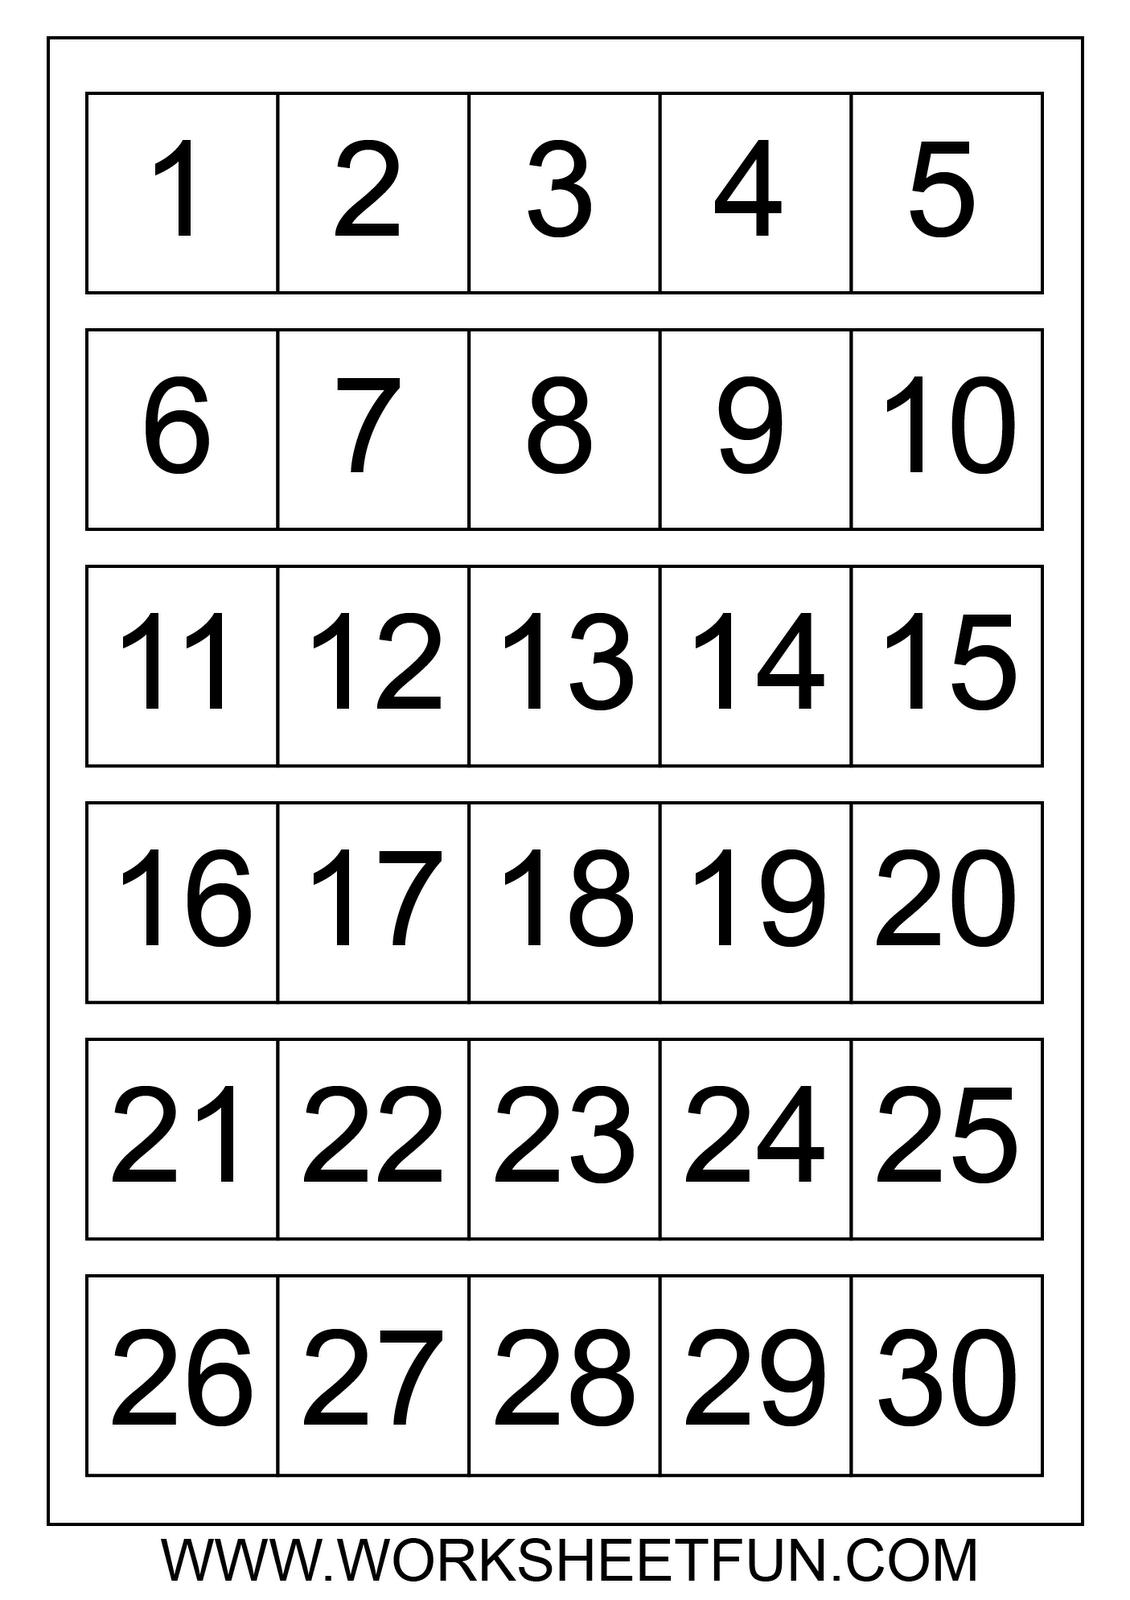 Numbers | Worksheetfun - Free Printable Worksheets